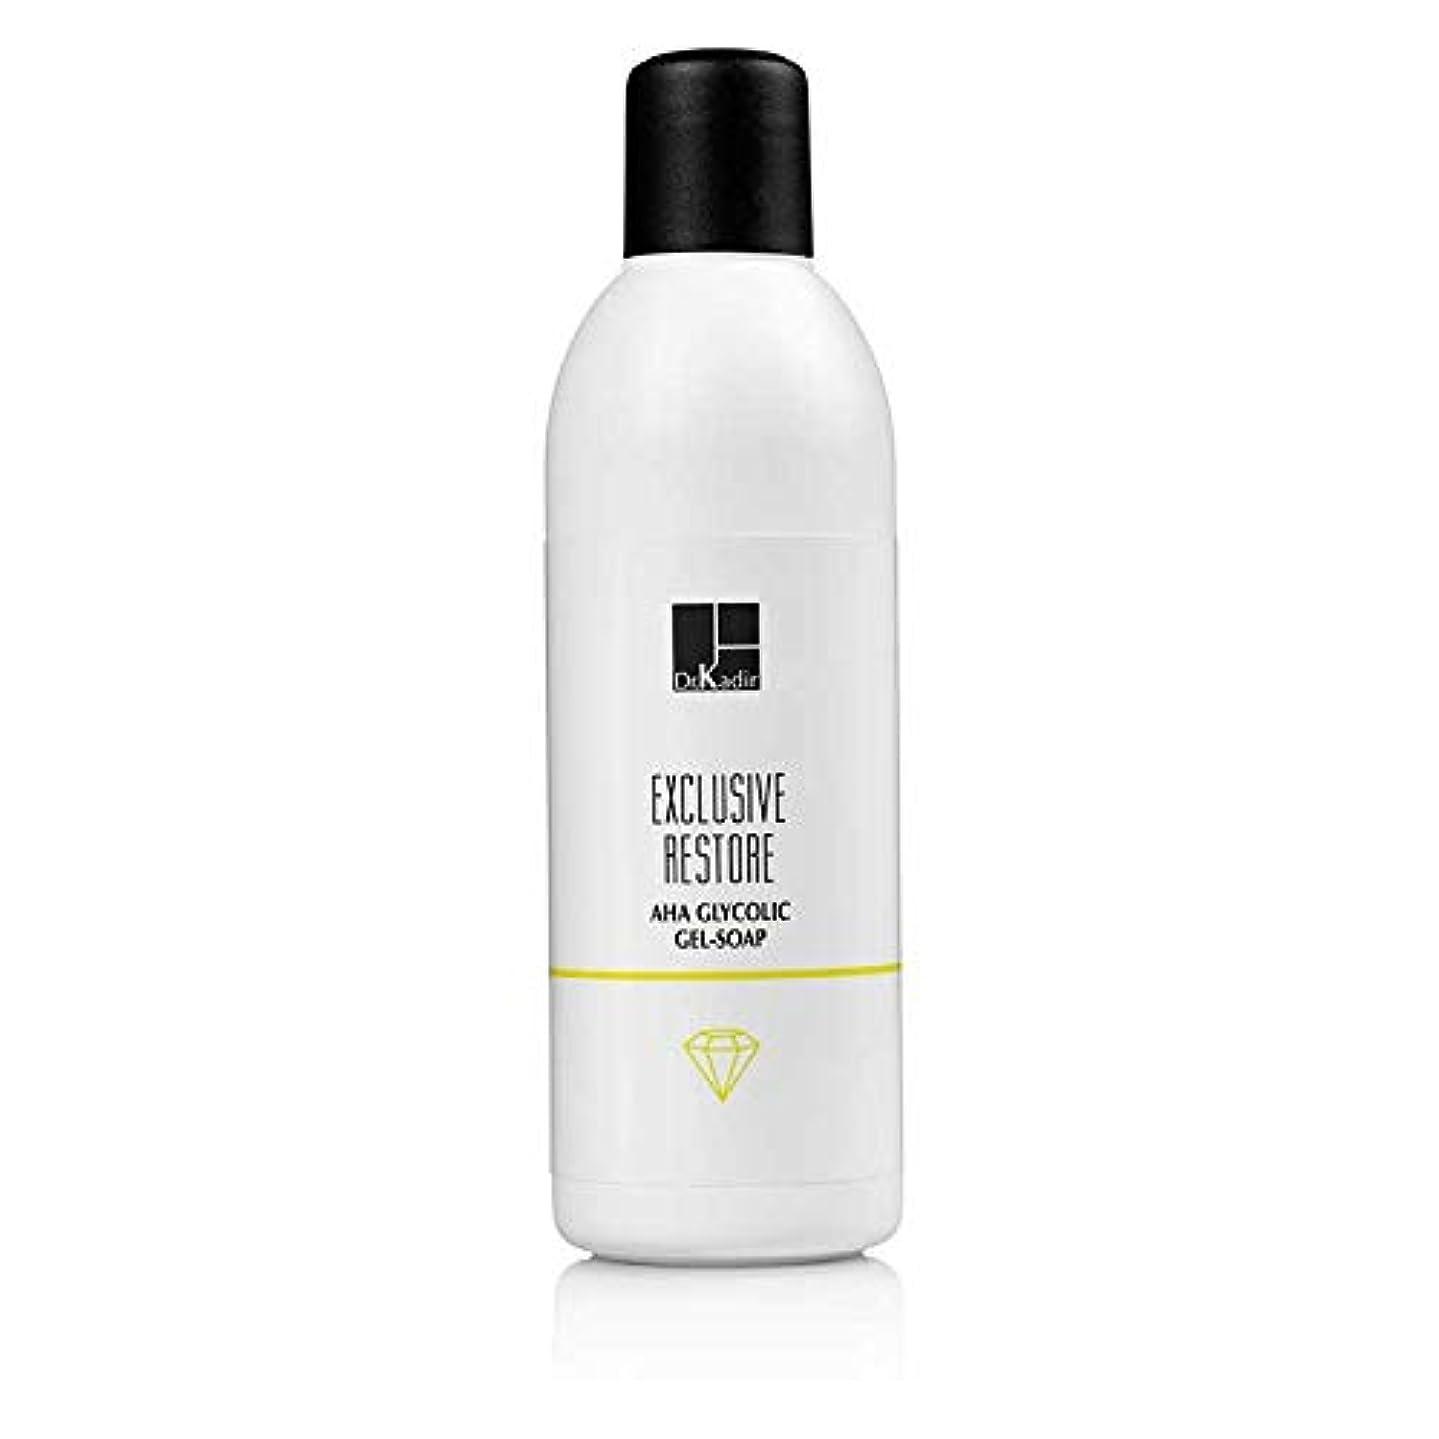 整理するホステル呼吸するDr. Kadir Exclusive Restore Glycolic AHA Gel Soap 250ml